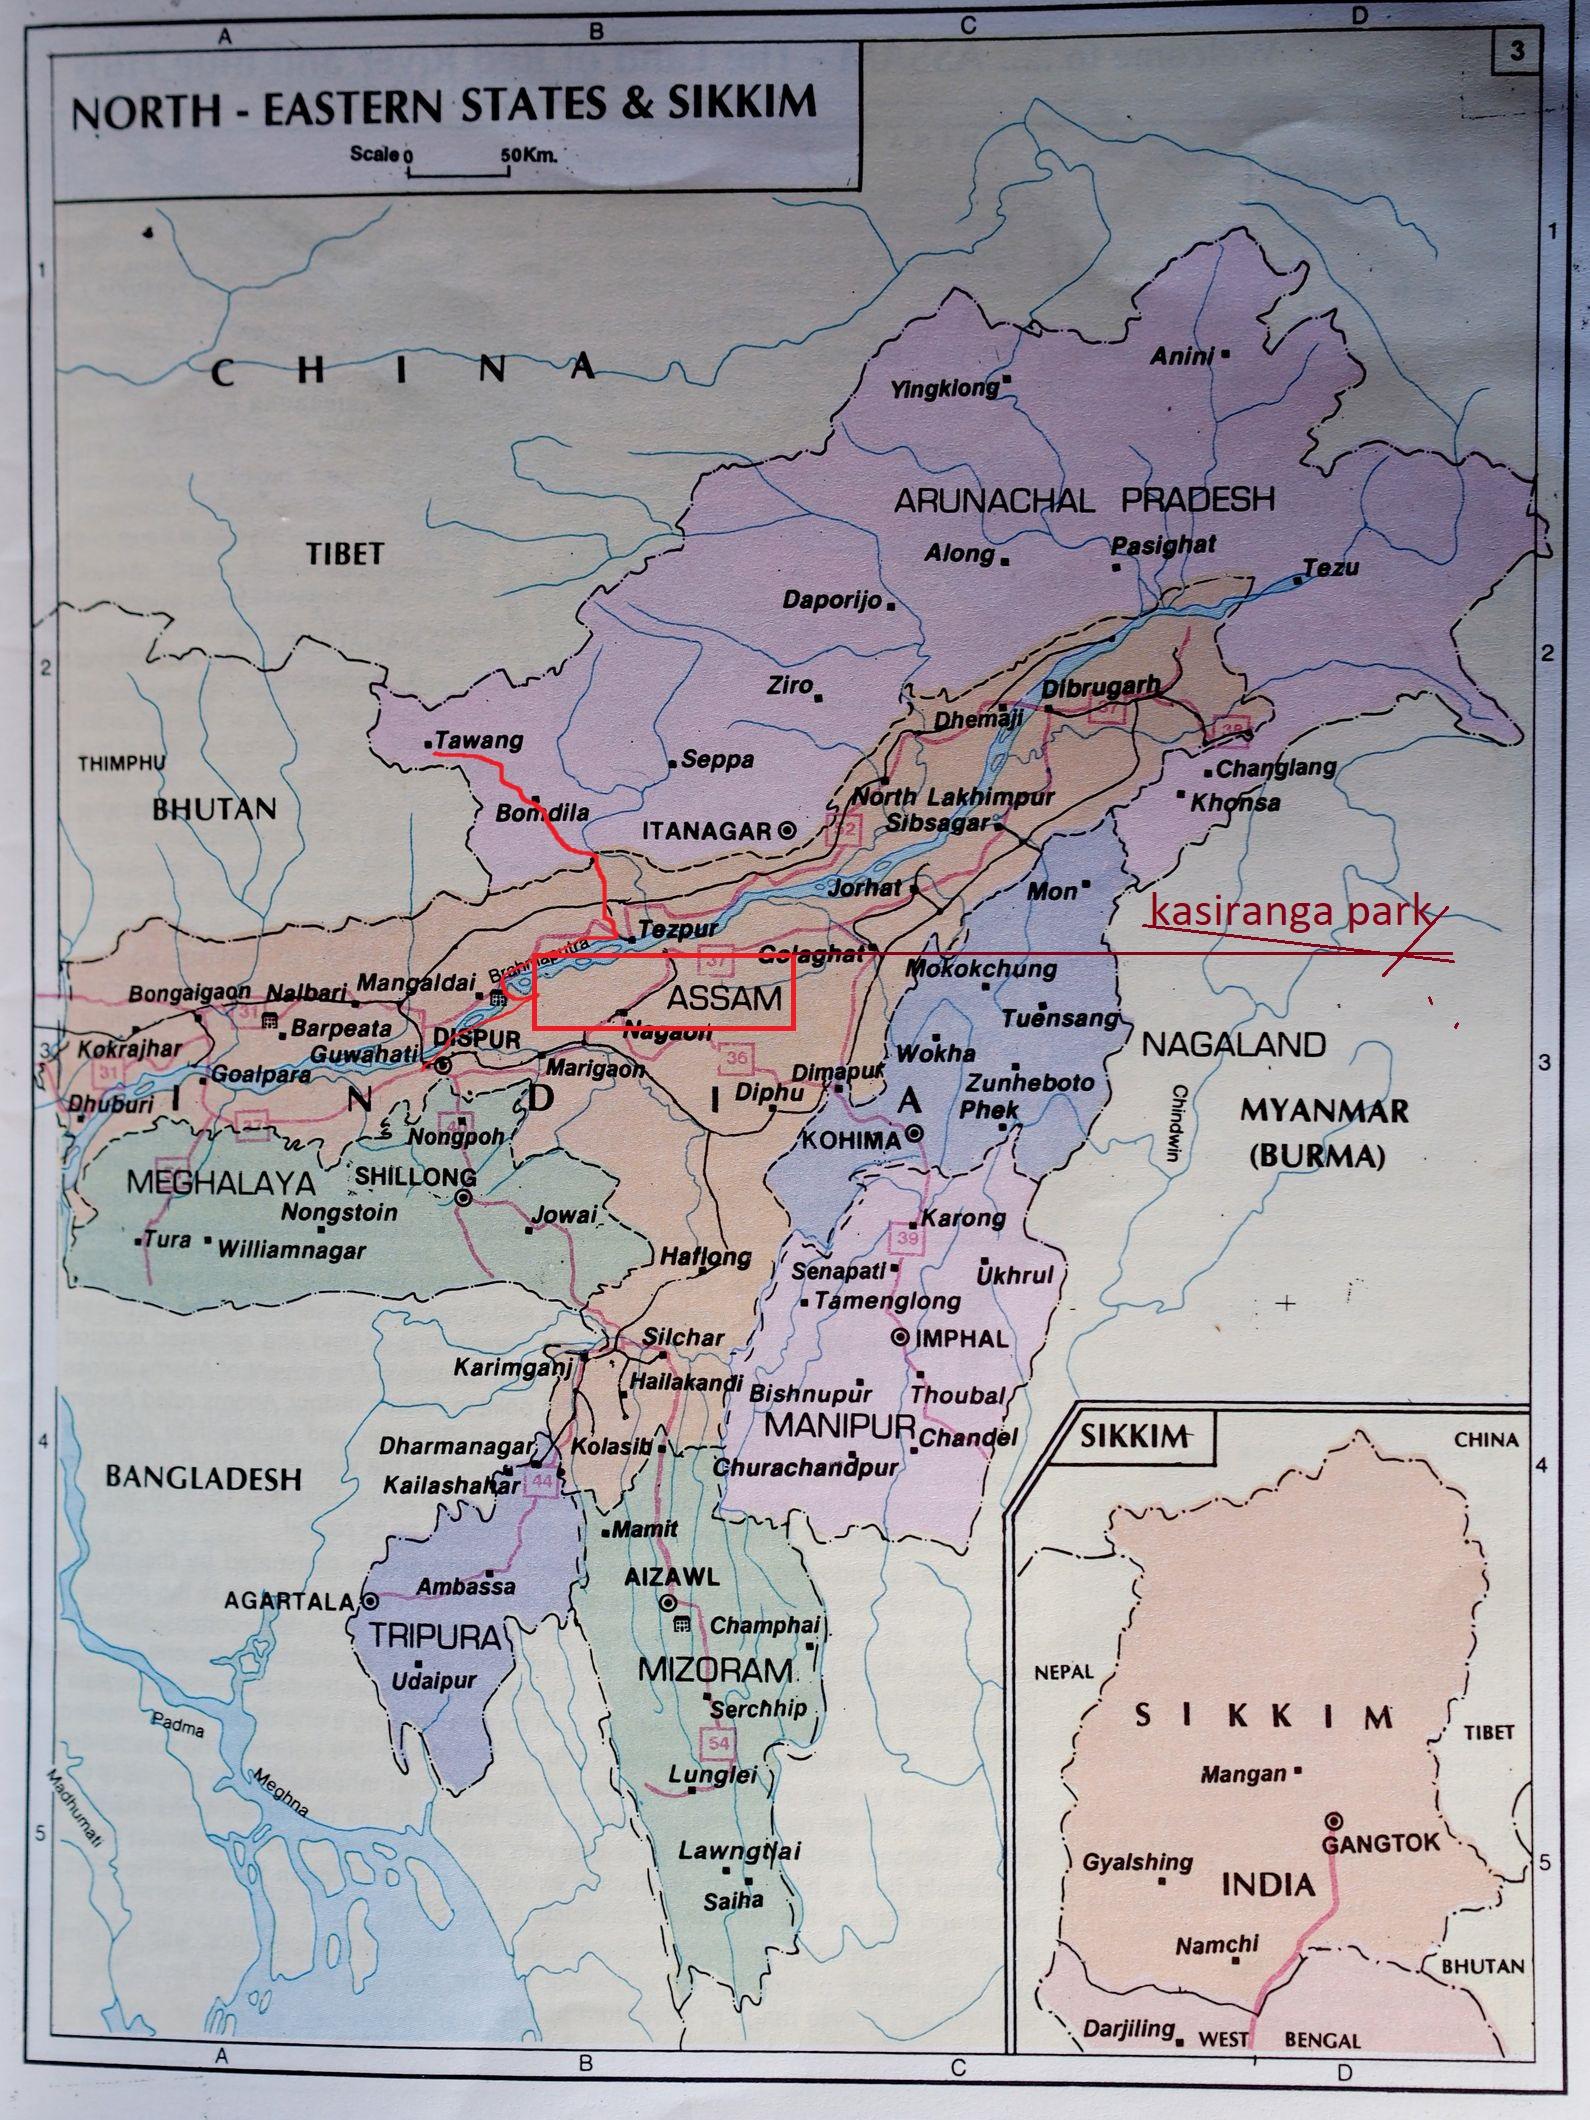 северовосточная индия карта